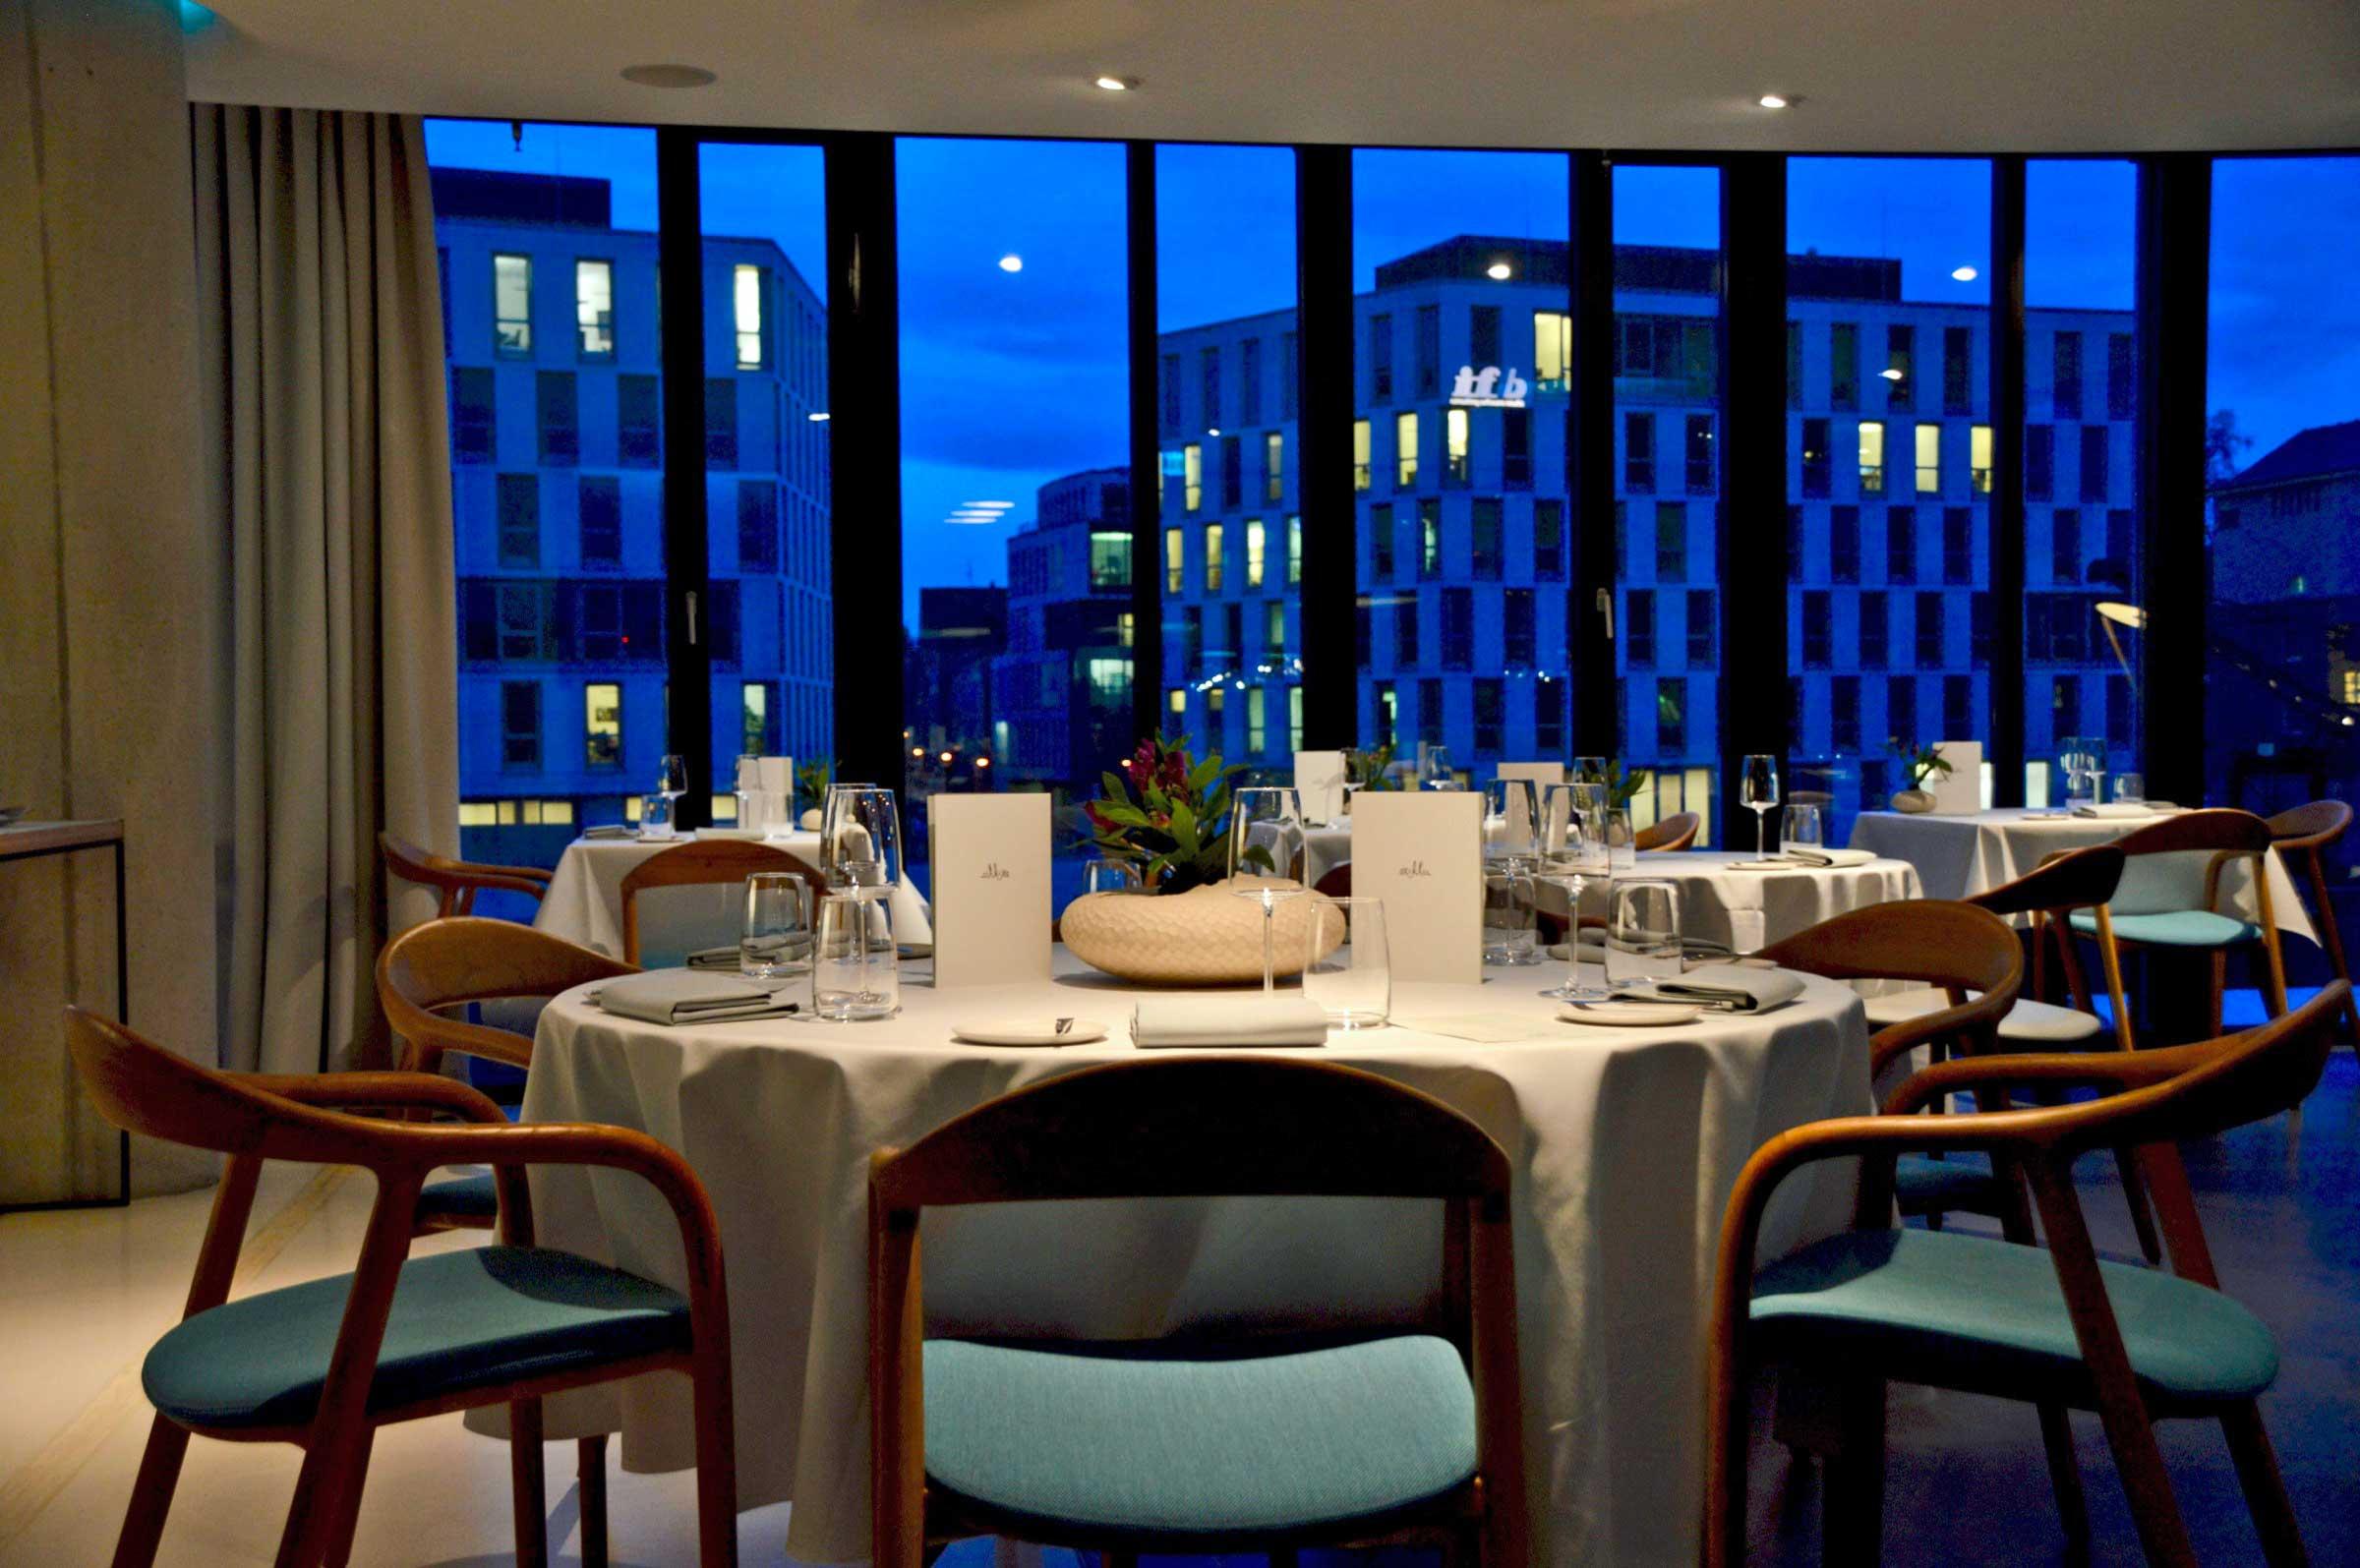 Tisch mit Aussicht im Restaurant Ox und Klee in Köln